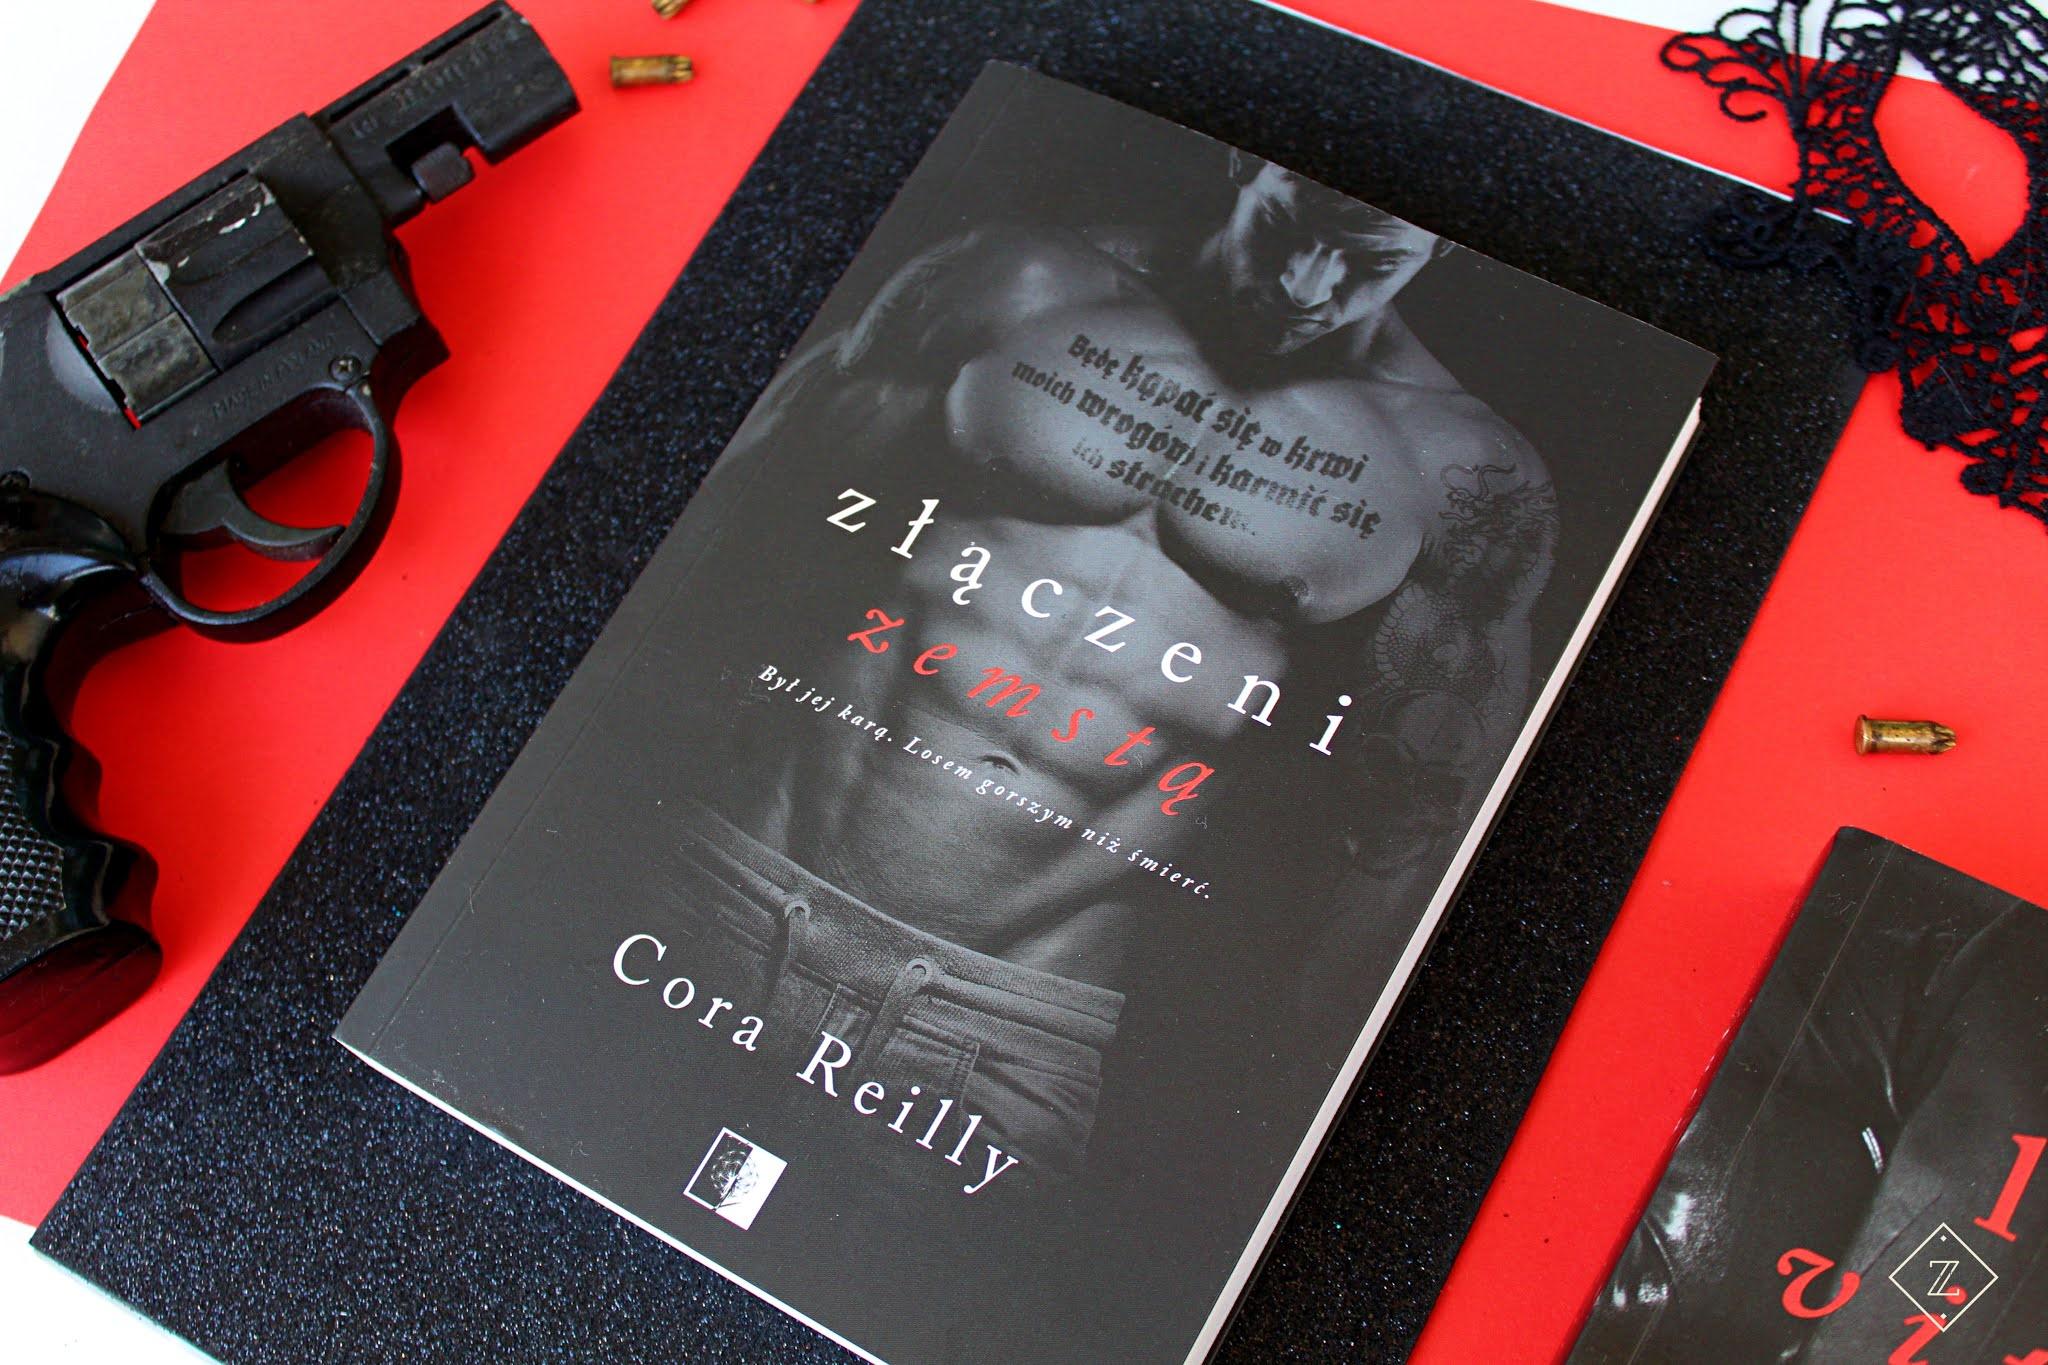 """Cora Reilly """"Złączeni zemstą"""" - recenzja książki"""